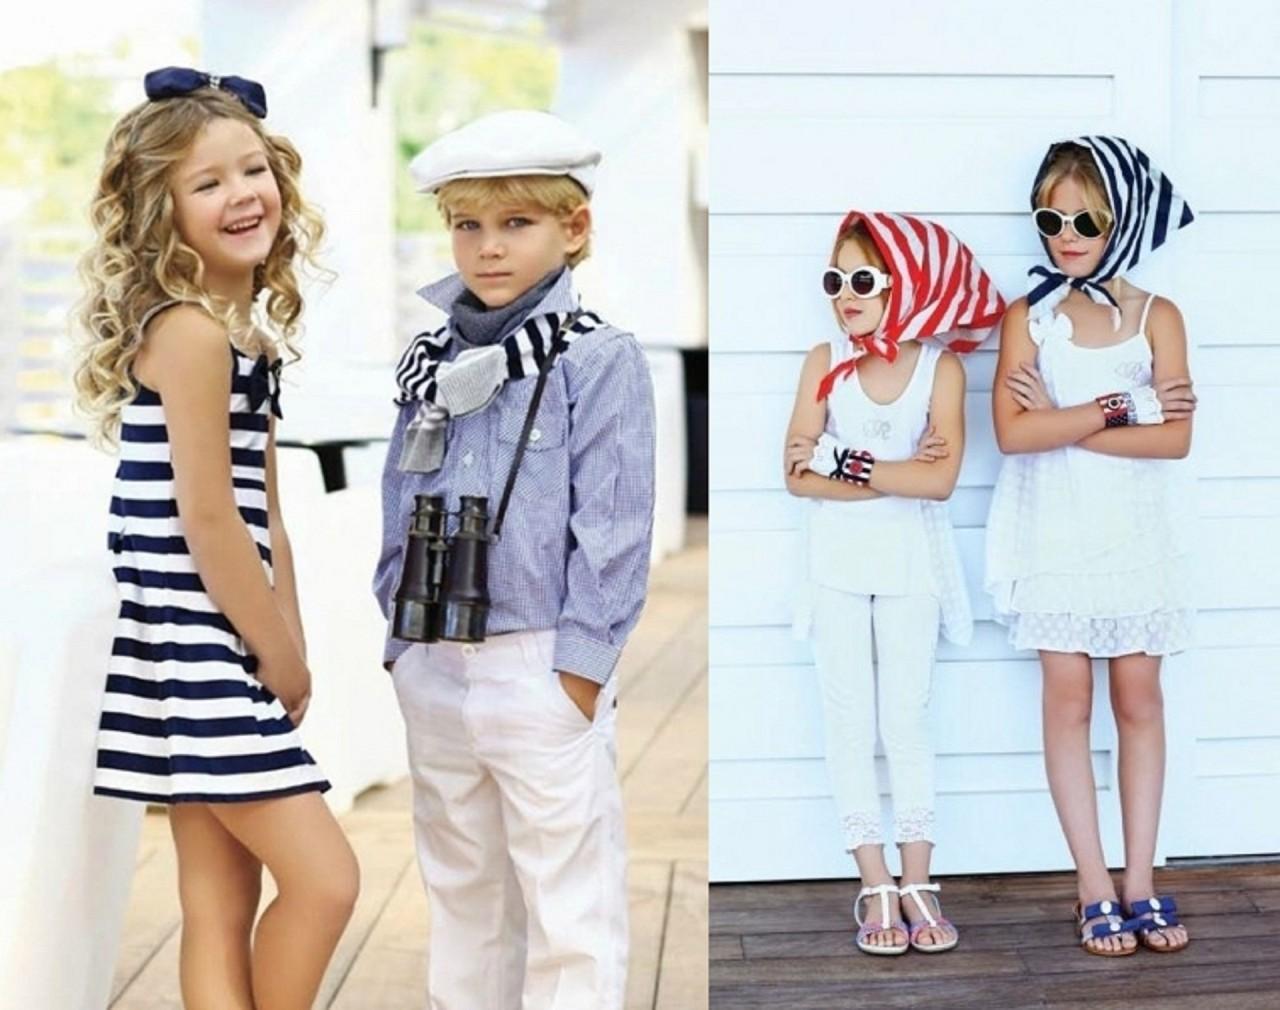 Дети на фото в стиле